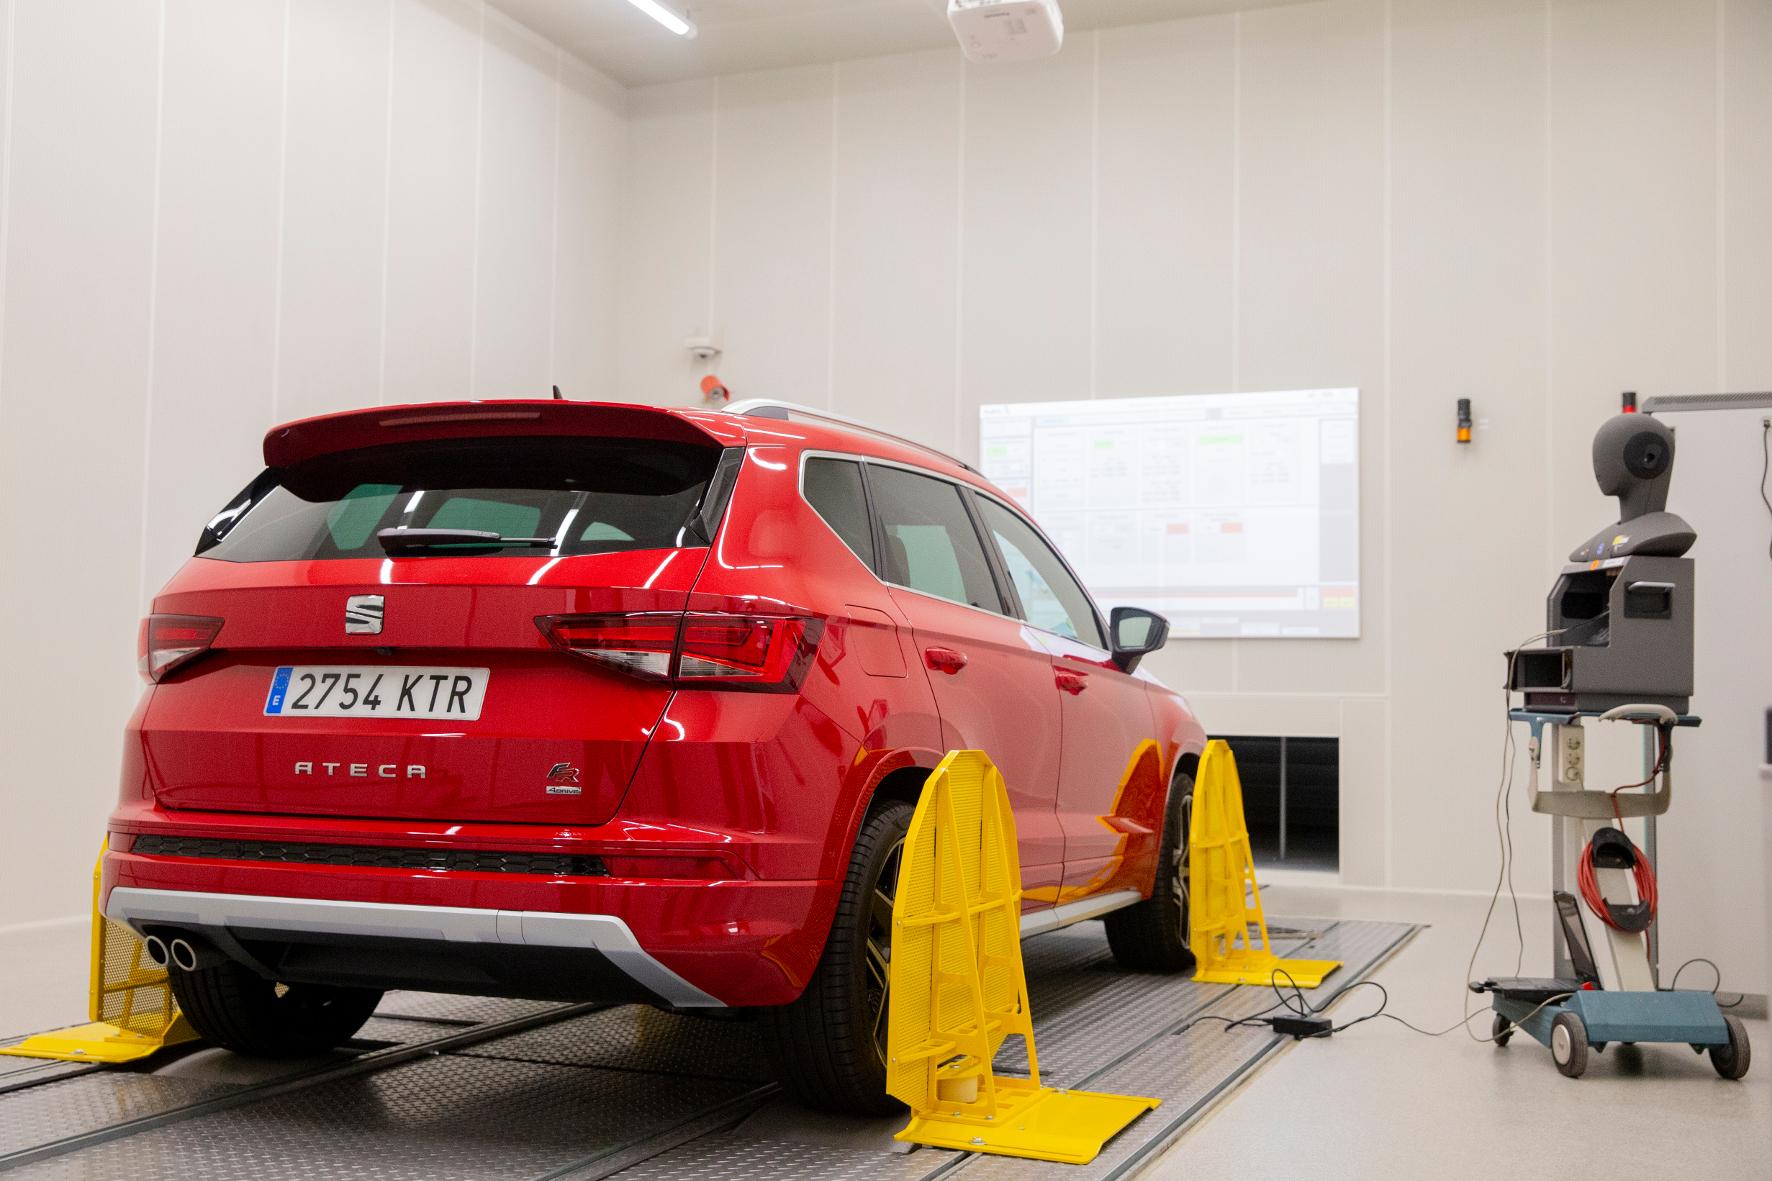 mid Groß-Gerau - Die Automobilindustrie verwendet reflexionsfreie Räume, um die von einem Auto erzeugten Geräusche zu definieren und den Lärm zu minimieren Seat